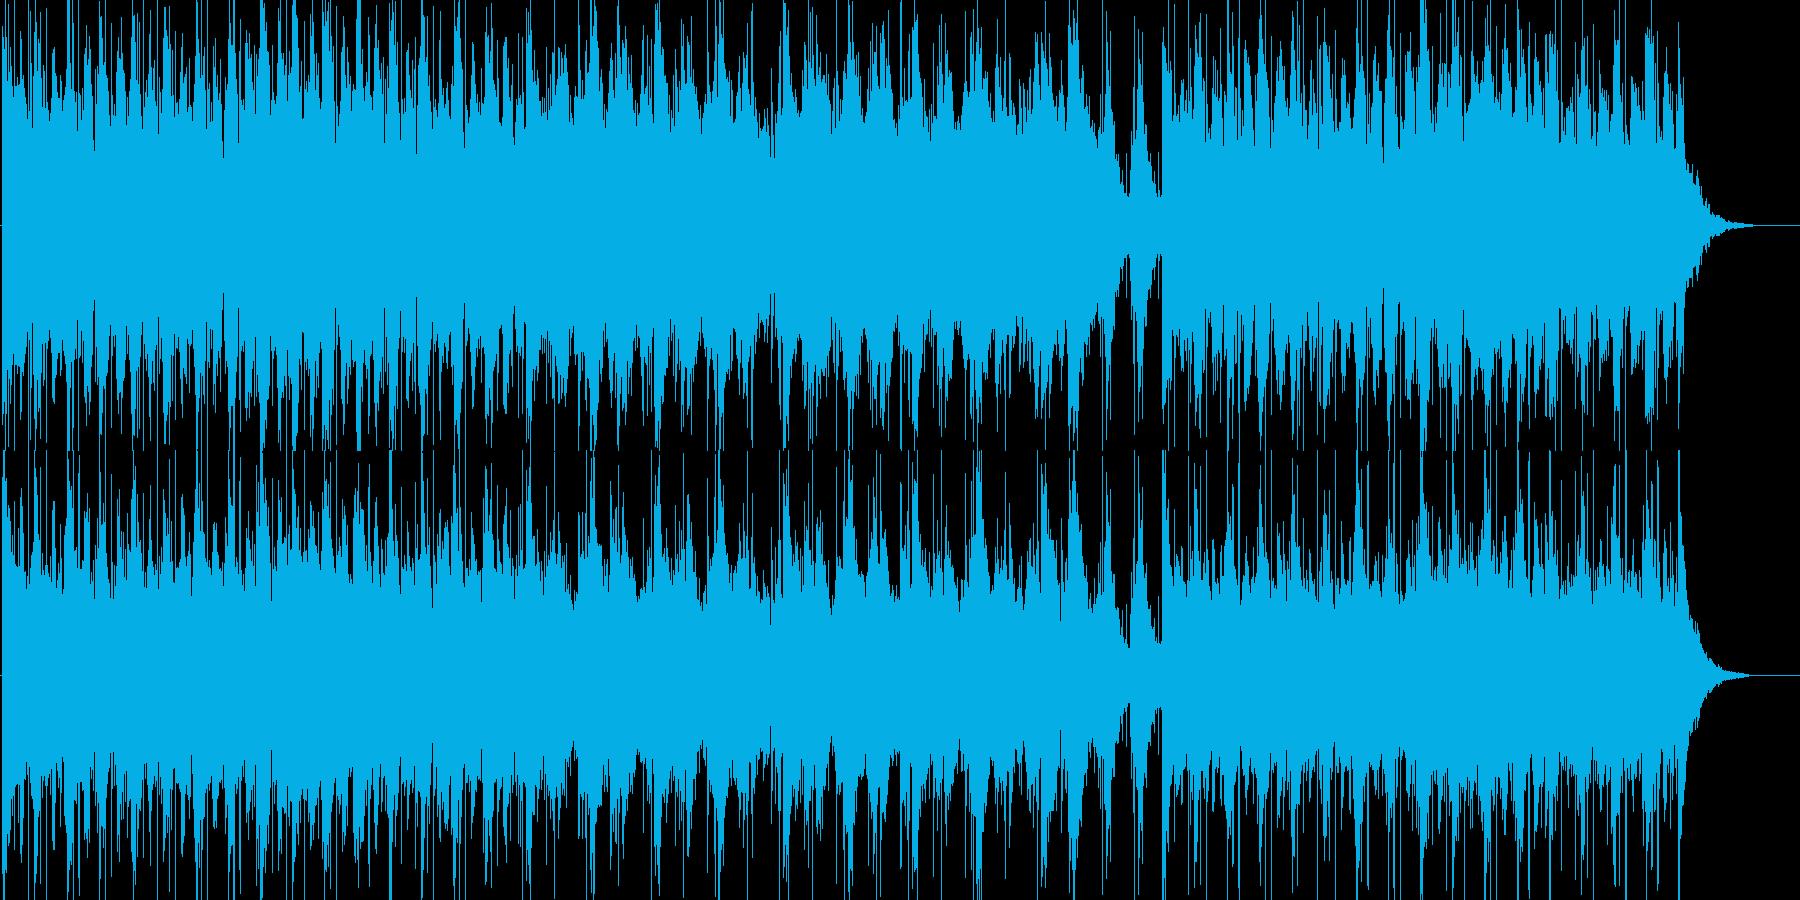 旅立ちをイメージした感動オーケストラ曲の再生済みの波形